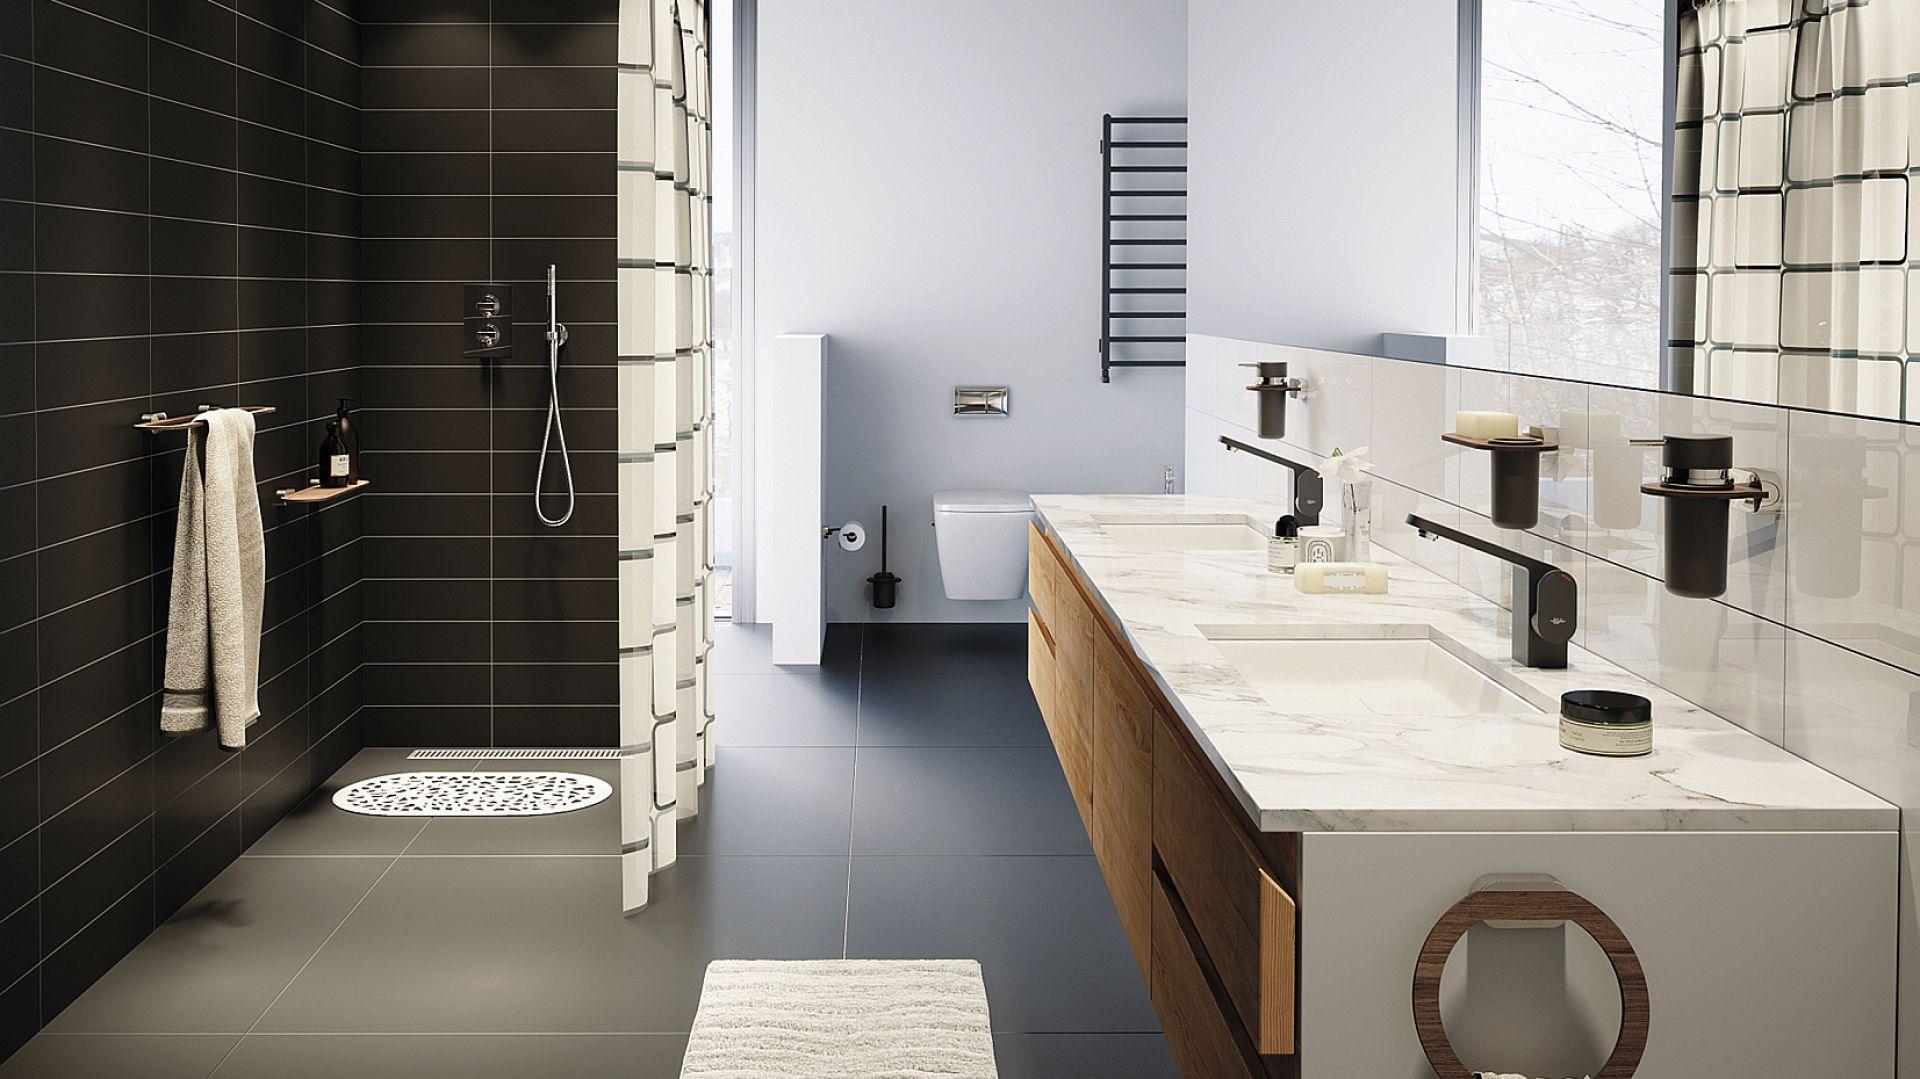 Kolekcja akcesoriów łazienkowych Bergen, będąca eleganckim połączeniem tradycyjnych metalowych rozet z odpornym na zarysowania i korozję nowoczesnym, wodoodpornym materiałem (HPL) umożliwiającym uzyskanie faktury drewna. Cena: 119 zł/wieszak kąpielowy. Fot. Bisk